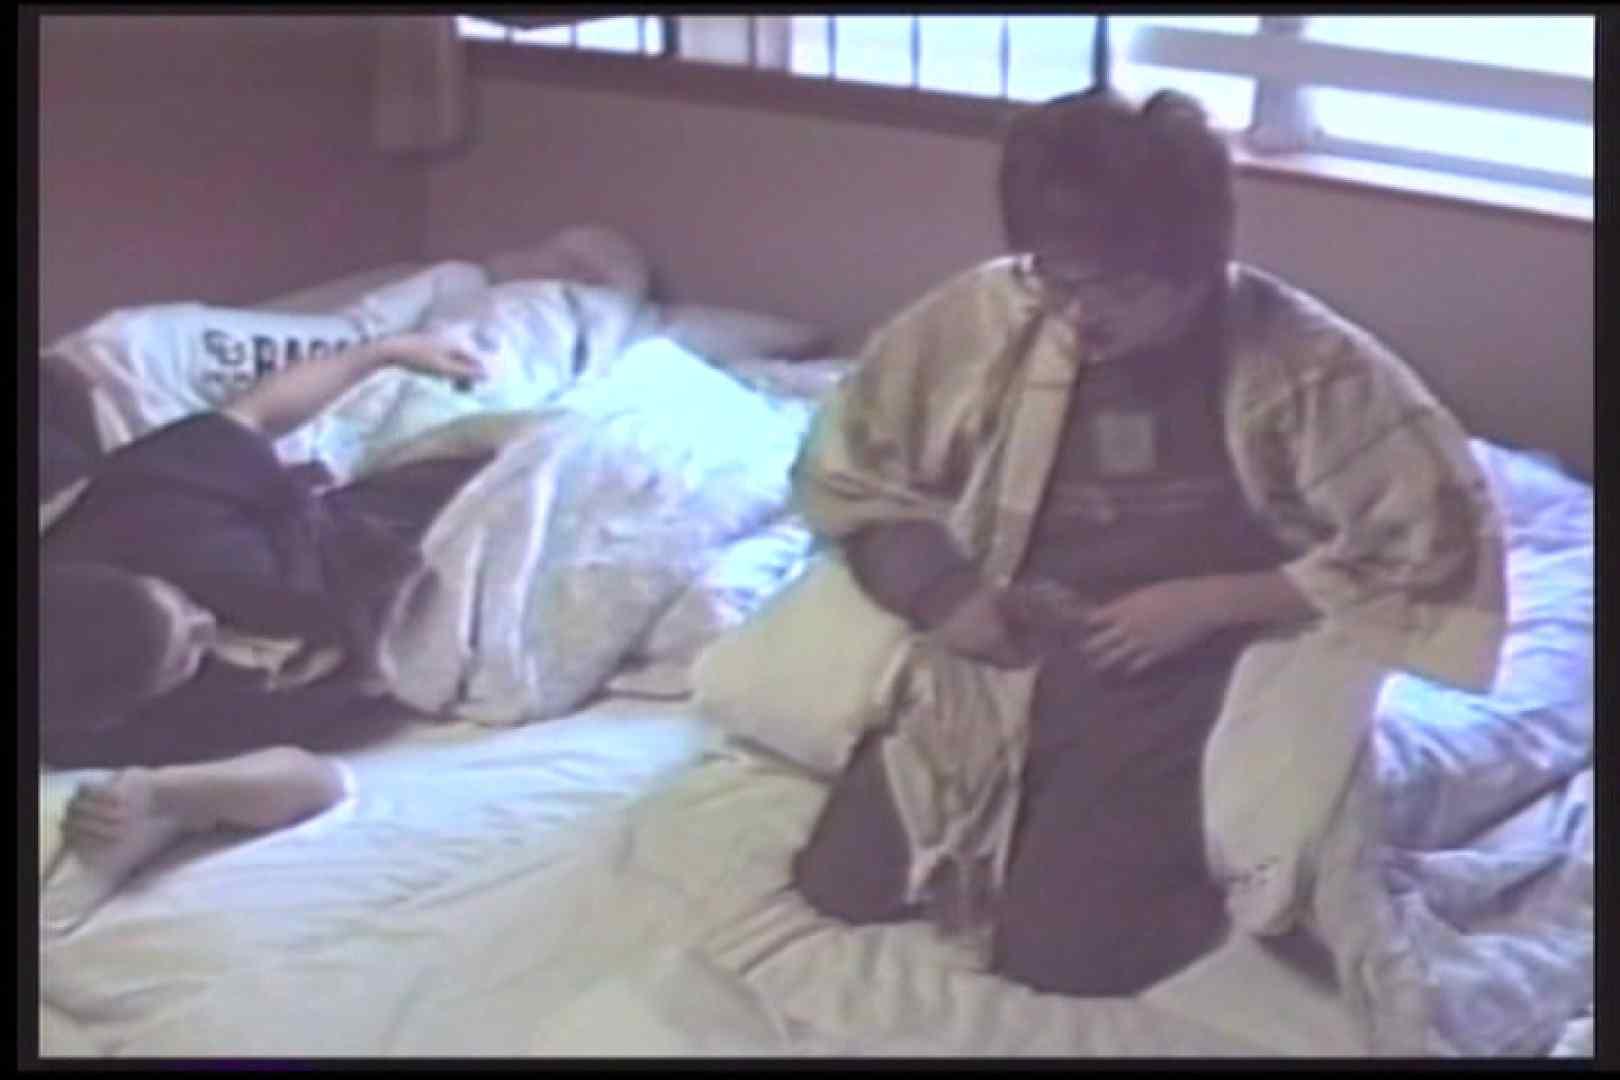 若人は元気!新歓合宿にておふざけ特集VOL.03 スジ筋系ボーイズ | ボーイズ私服  84pic 64